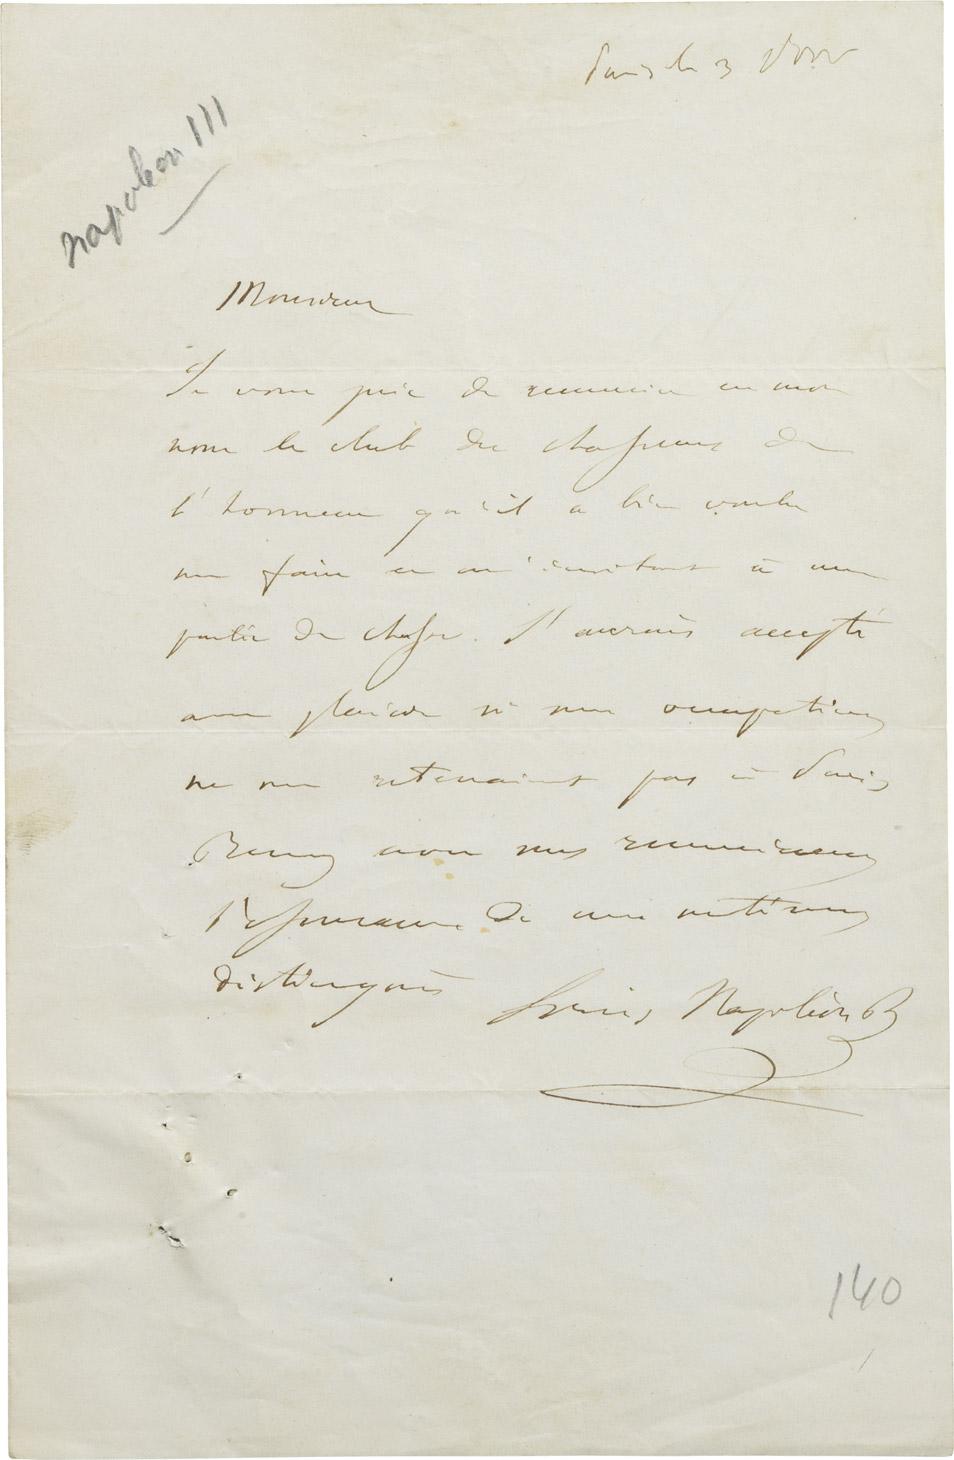 Lettre de Napoléon III - Patrimoine Charles-André COLONNA WALEWSKI, en ligne directe de Napoléon